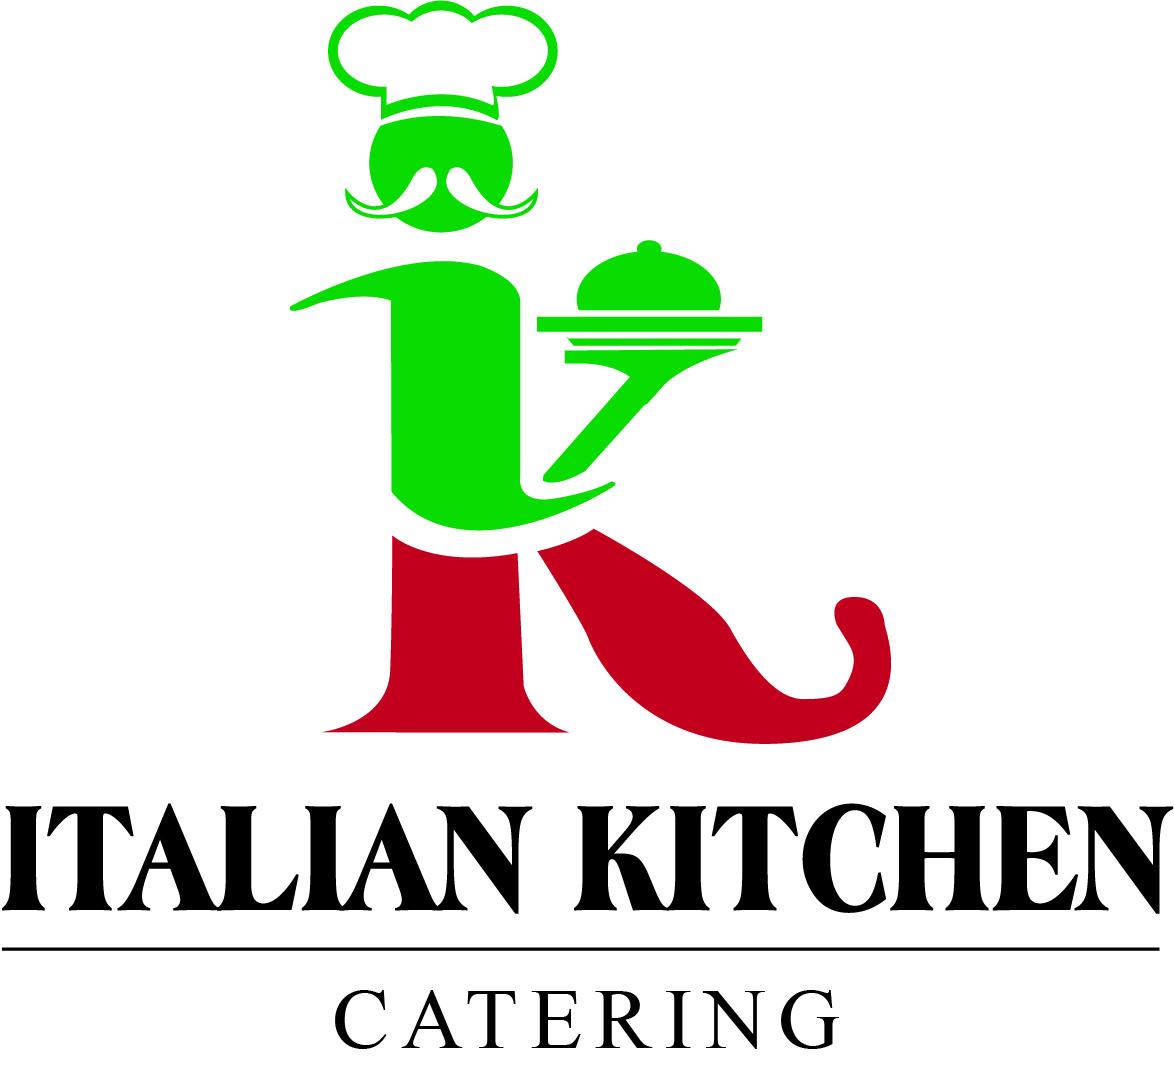 IKatWU_logo_green_red.jpg